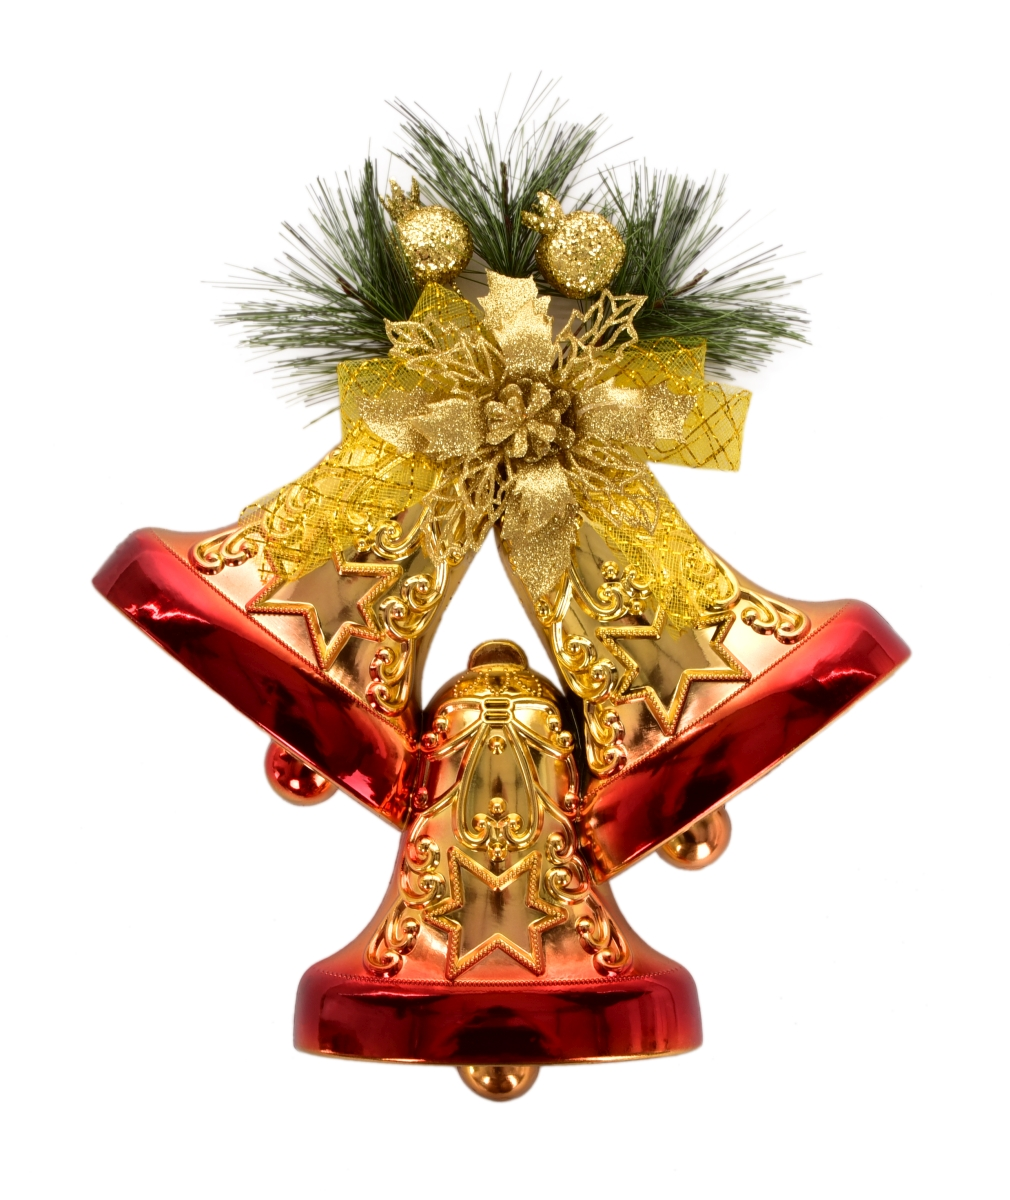 XL závěsná dekorace zlato červená ve tvaru tří zvonků